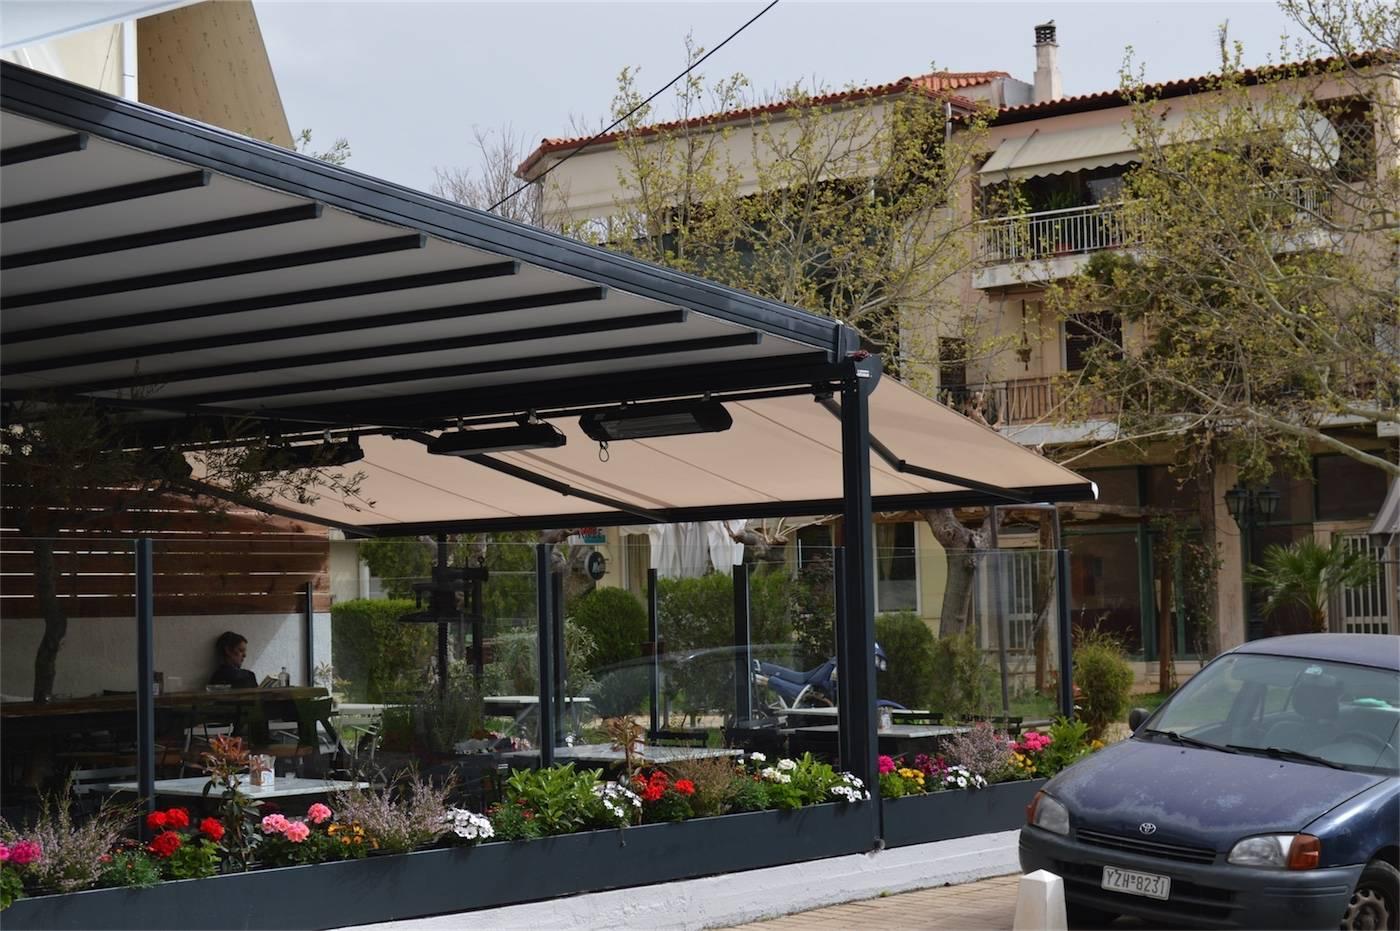 Περγκοτέντα και τέντα στην καφετέρια Jardin στην Παλλήνη | Tentagon